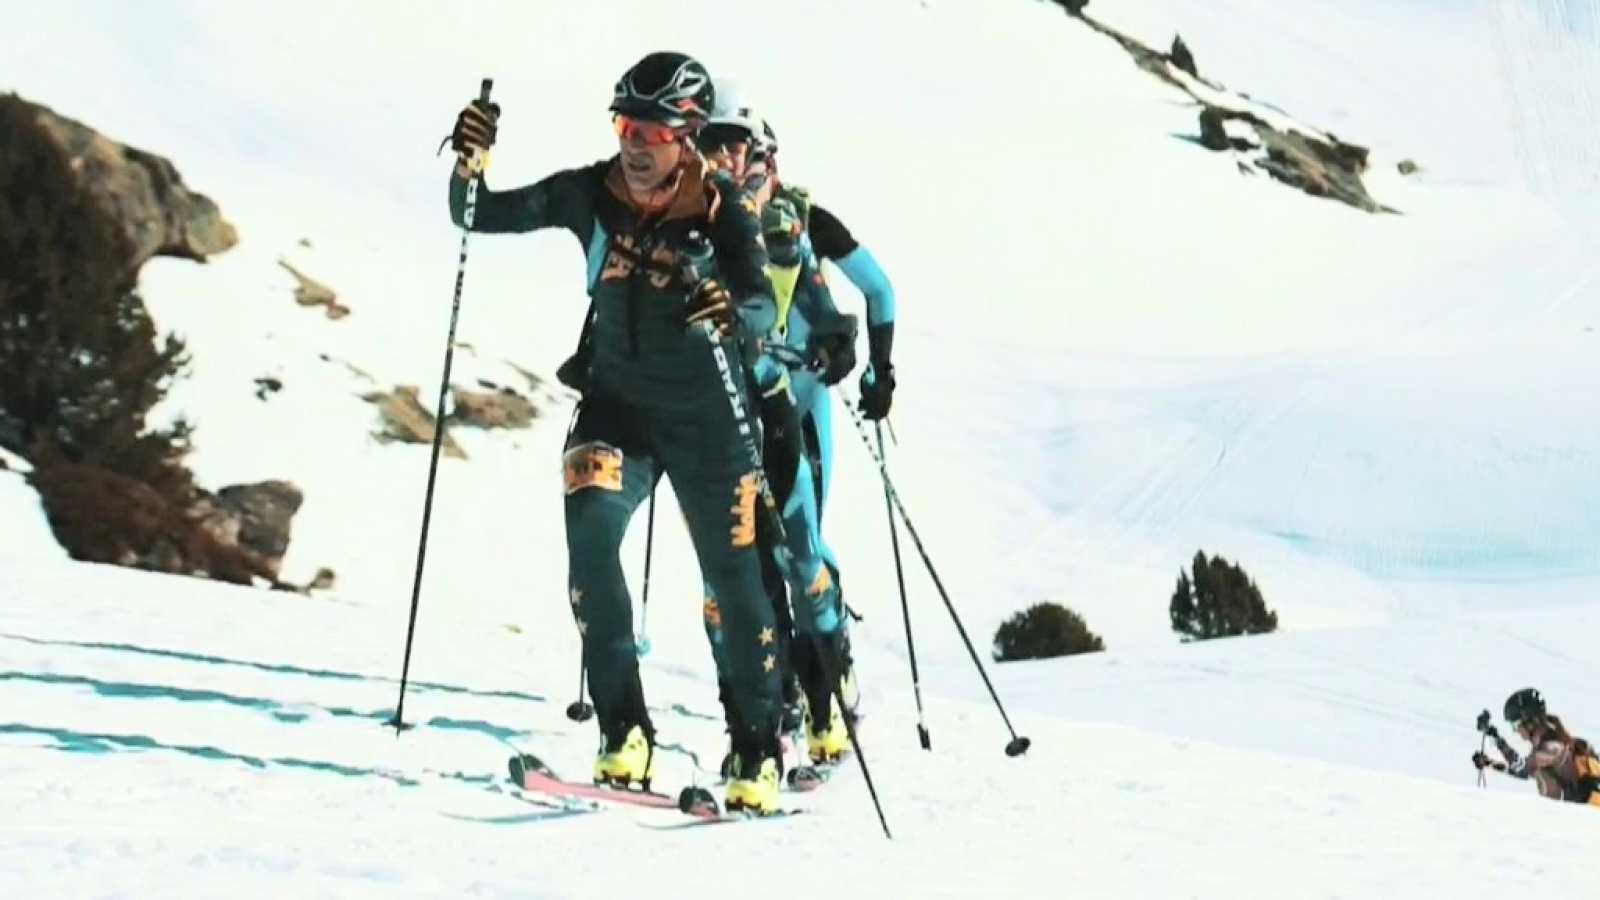 Evasión - T7 - La Sportiva Andorra Skimo - ver ahora